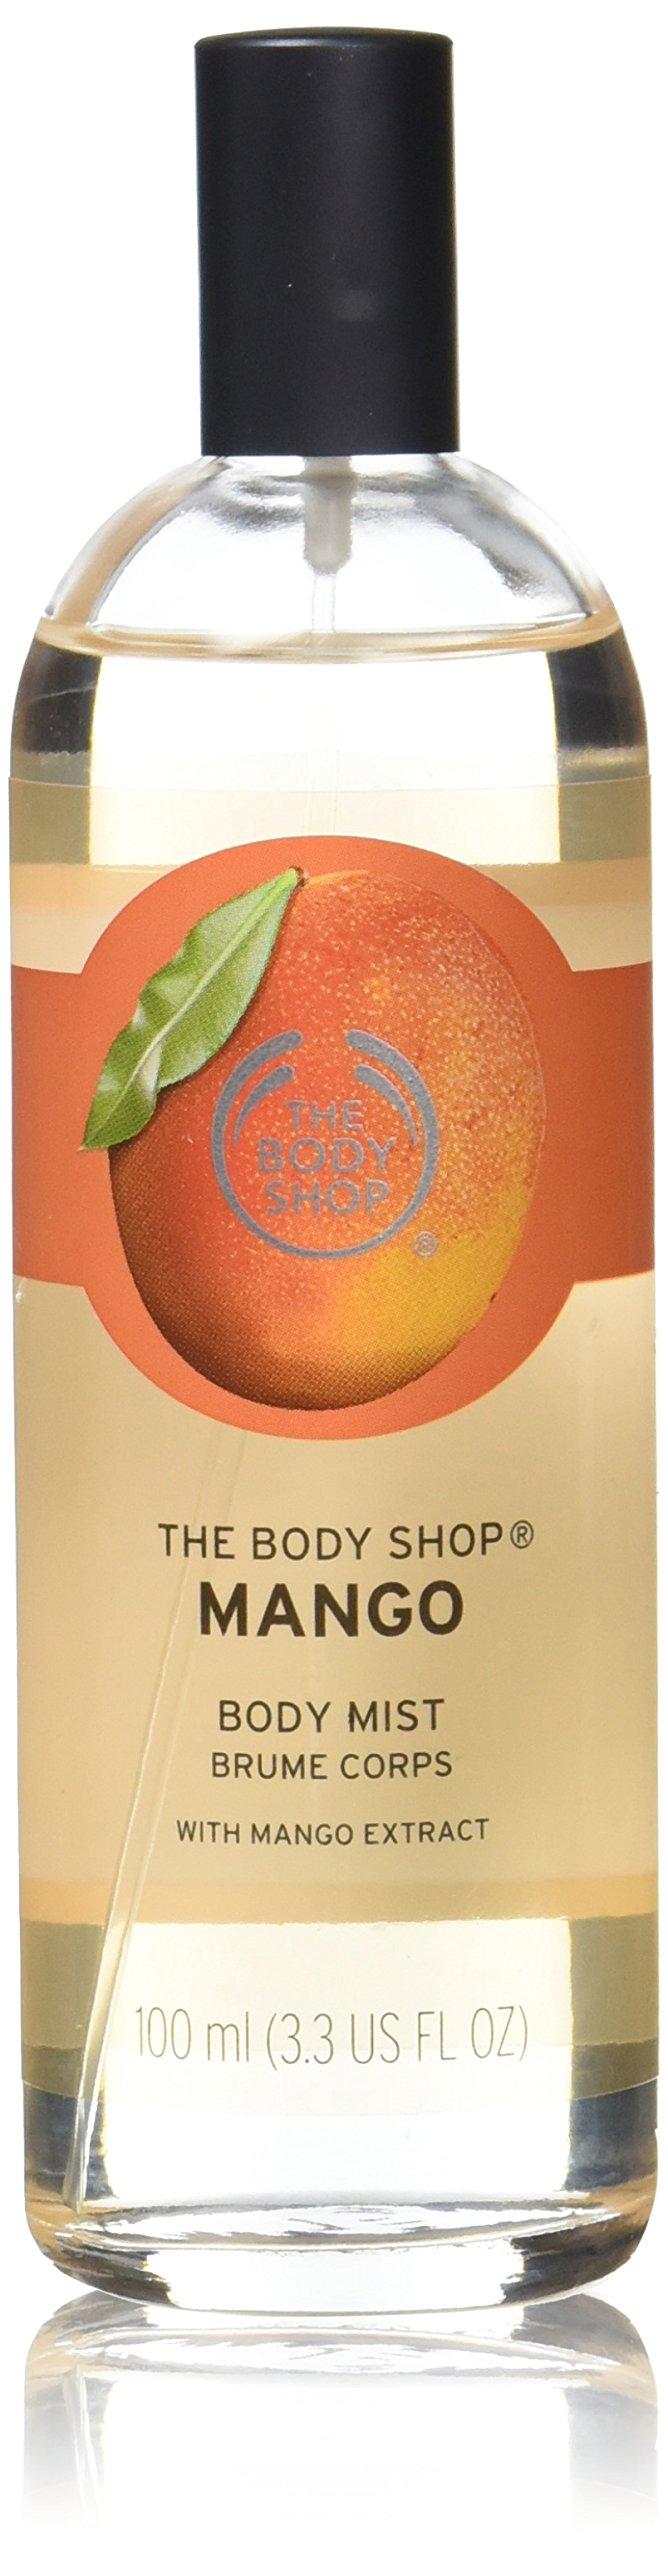 The Body Shop Mango Body Mist, Paraben-Free Body Spray, 3.3 Fl. Oz.